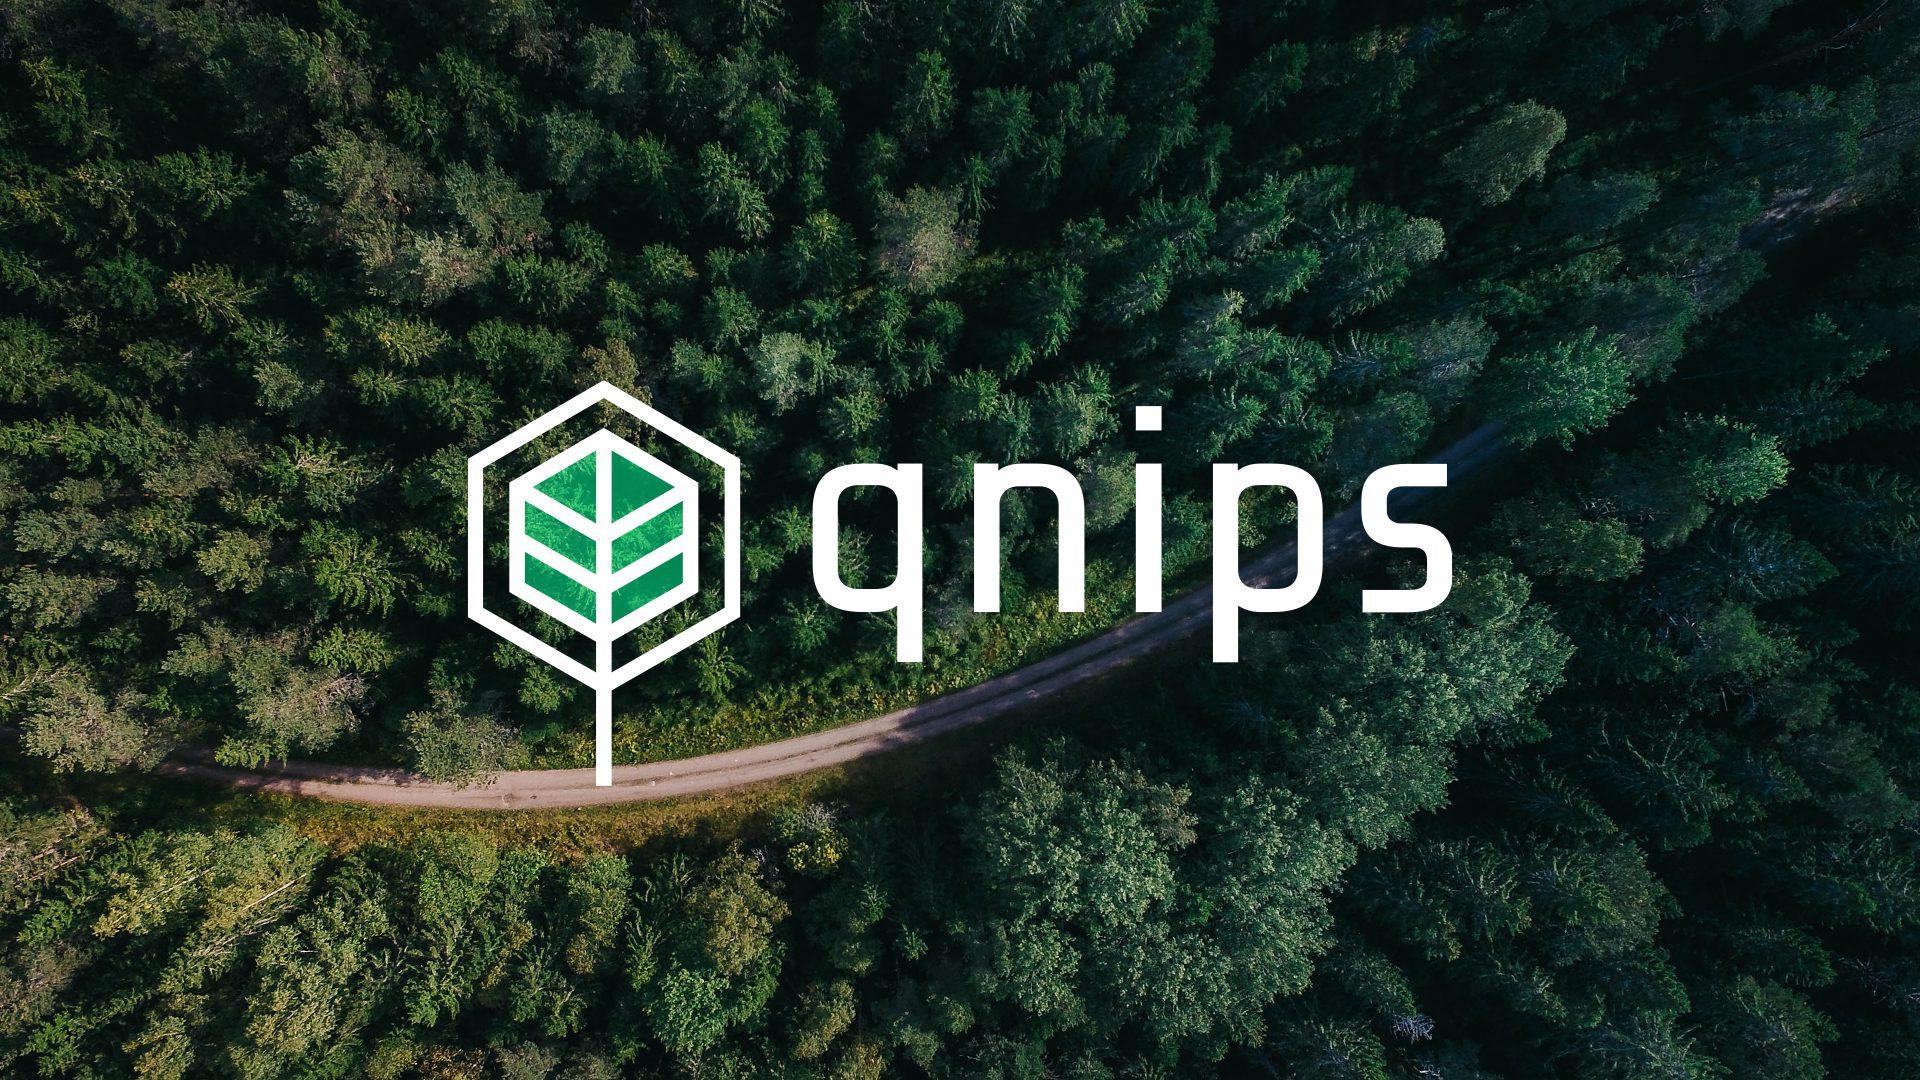 qnips goes green